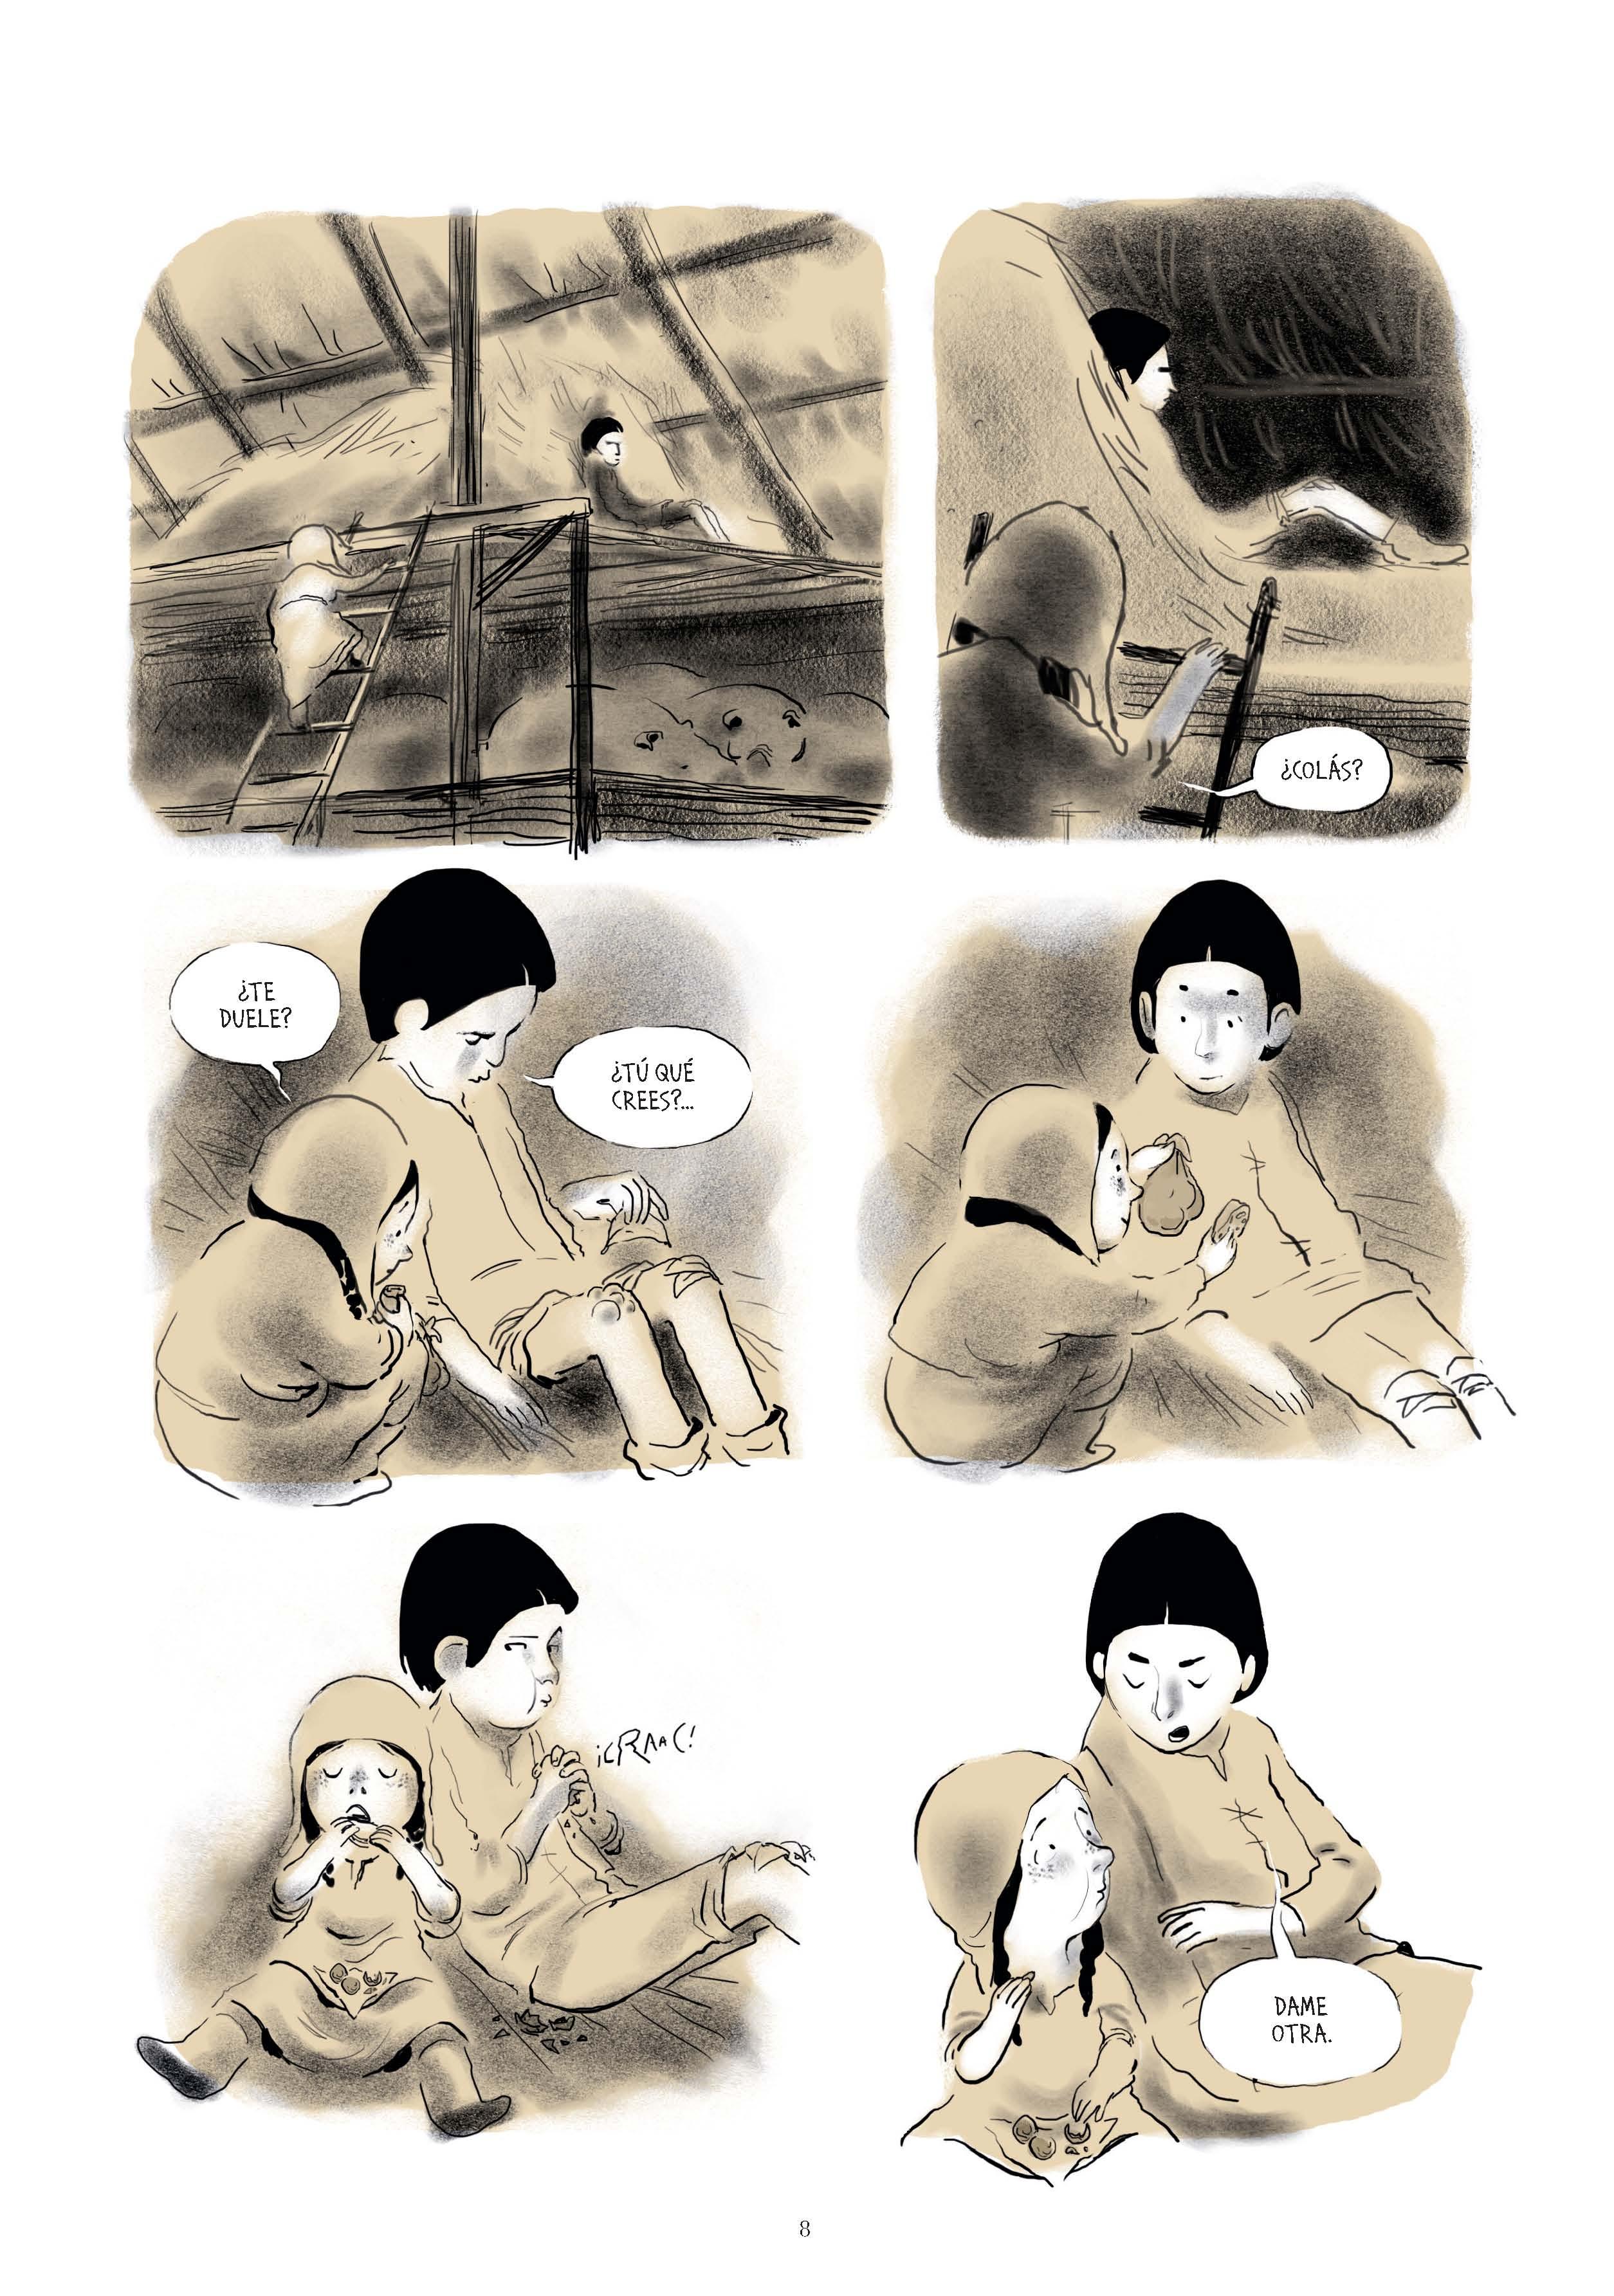 La cruzada de los inocentes tripa_Page_4